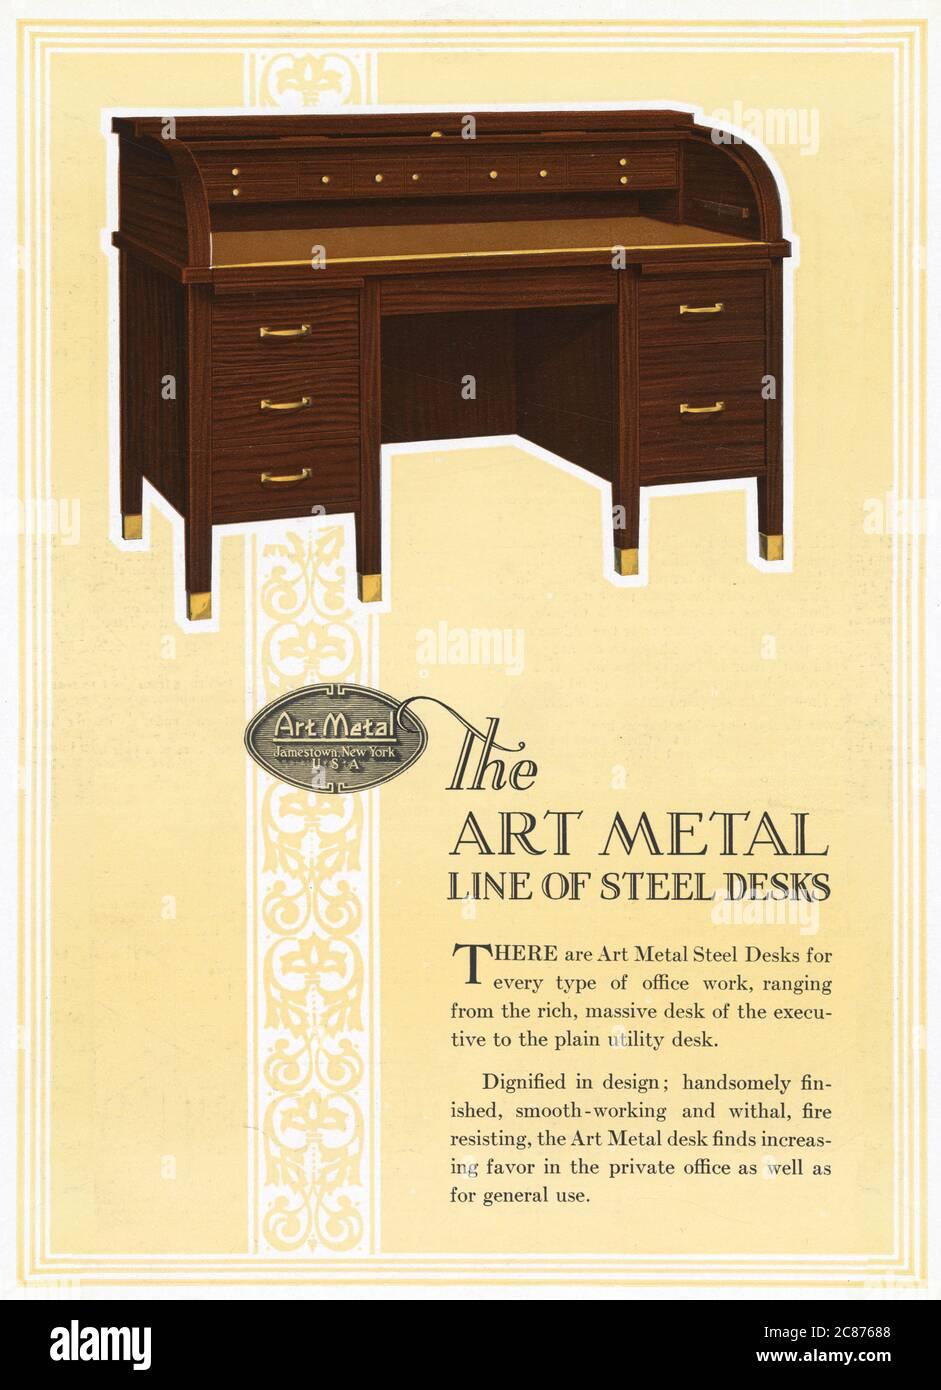 Art Metal Steel Office Equipment, Jamestown, New York, USA - die Art Metal Line of Steel Desks, hier mit Mahagoni-Finish. Angefangen vom reichhaltigen, massiven Schreibtisch der Exekutive bis hin zum einfachen Schreibtisch für Hauswirtschaftsbereich. Datum: 1926 Stockfoto